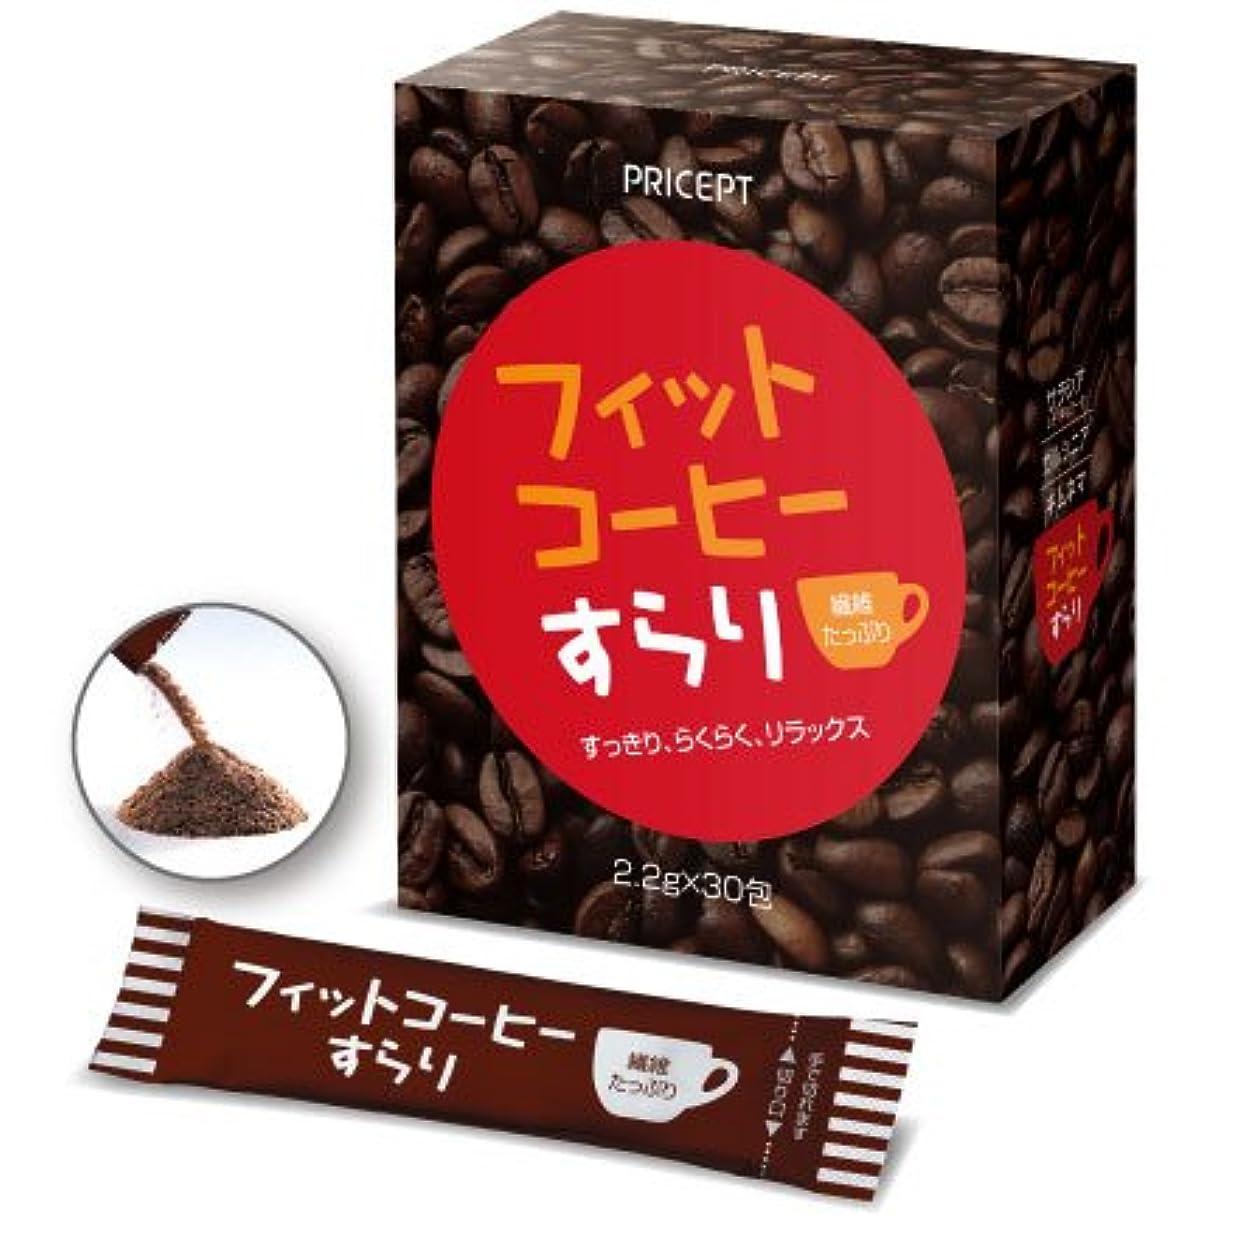 りんごトランジスタ用心プリセプト フィットコーヒーすらり 30包【単品】(ダイエットサポートコーヒー)